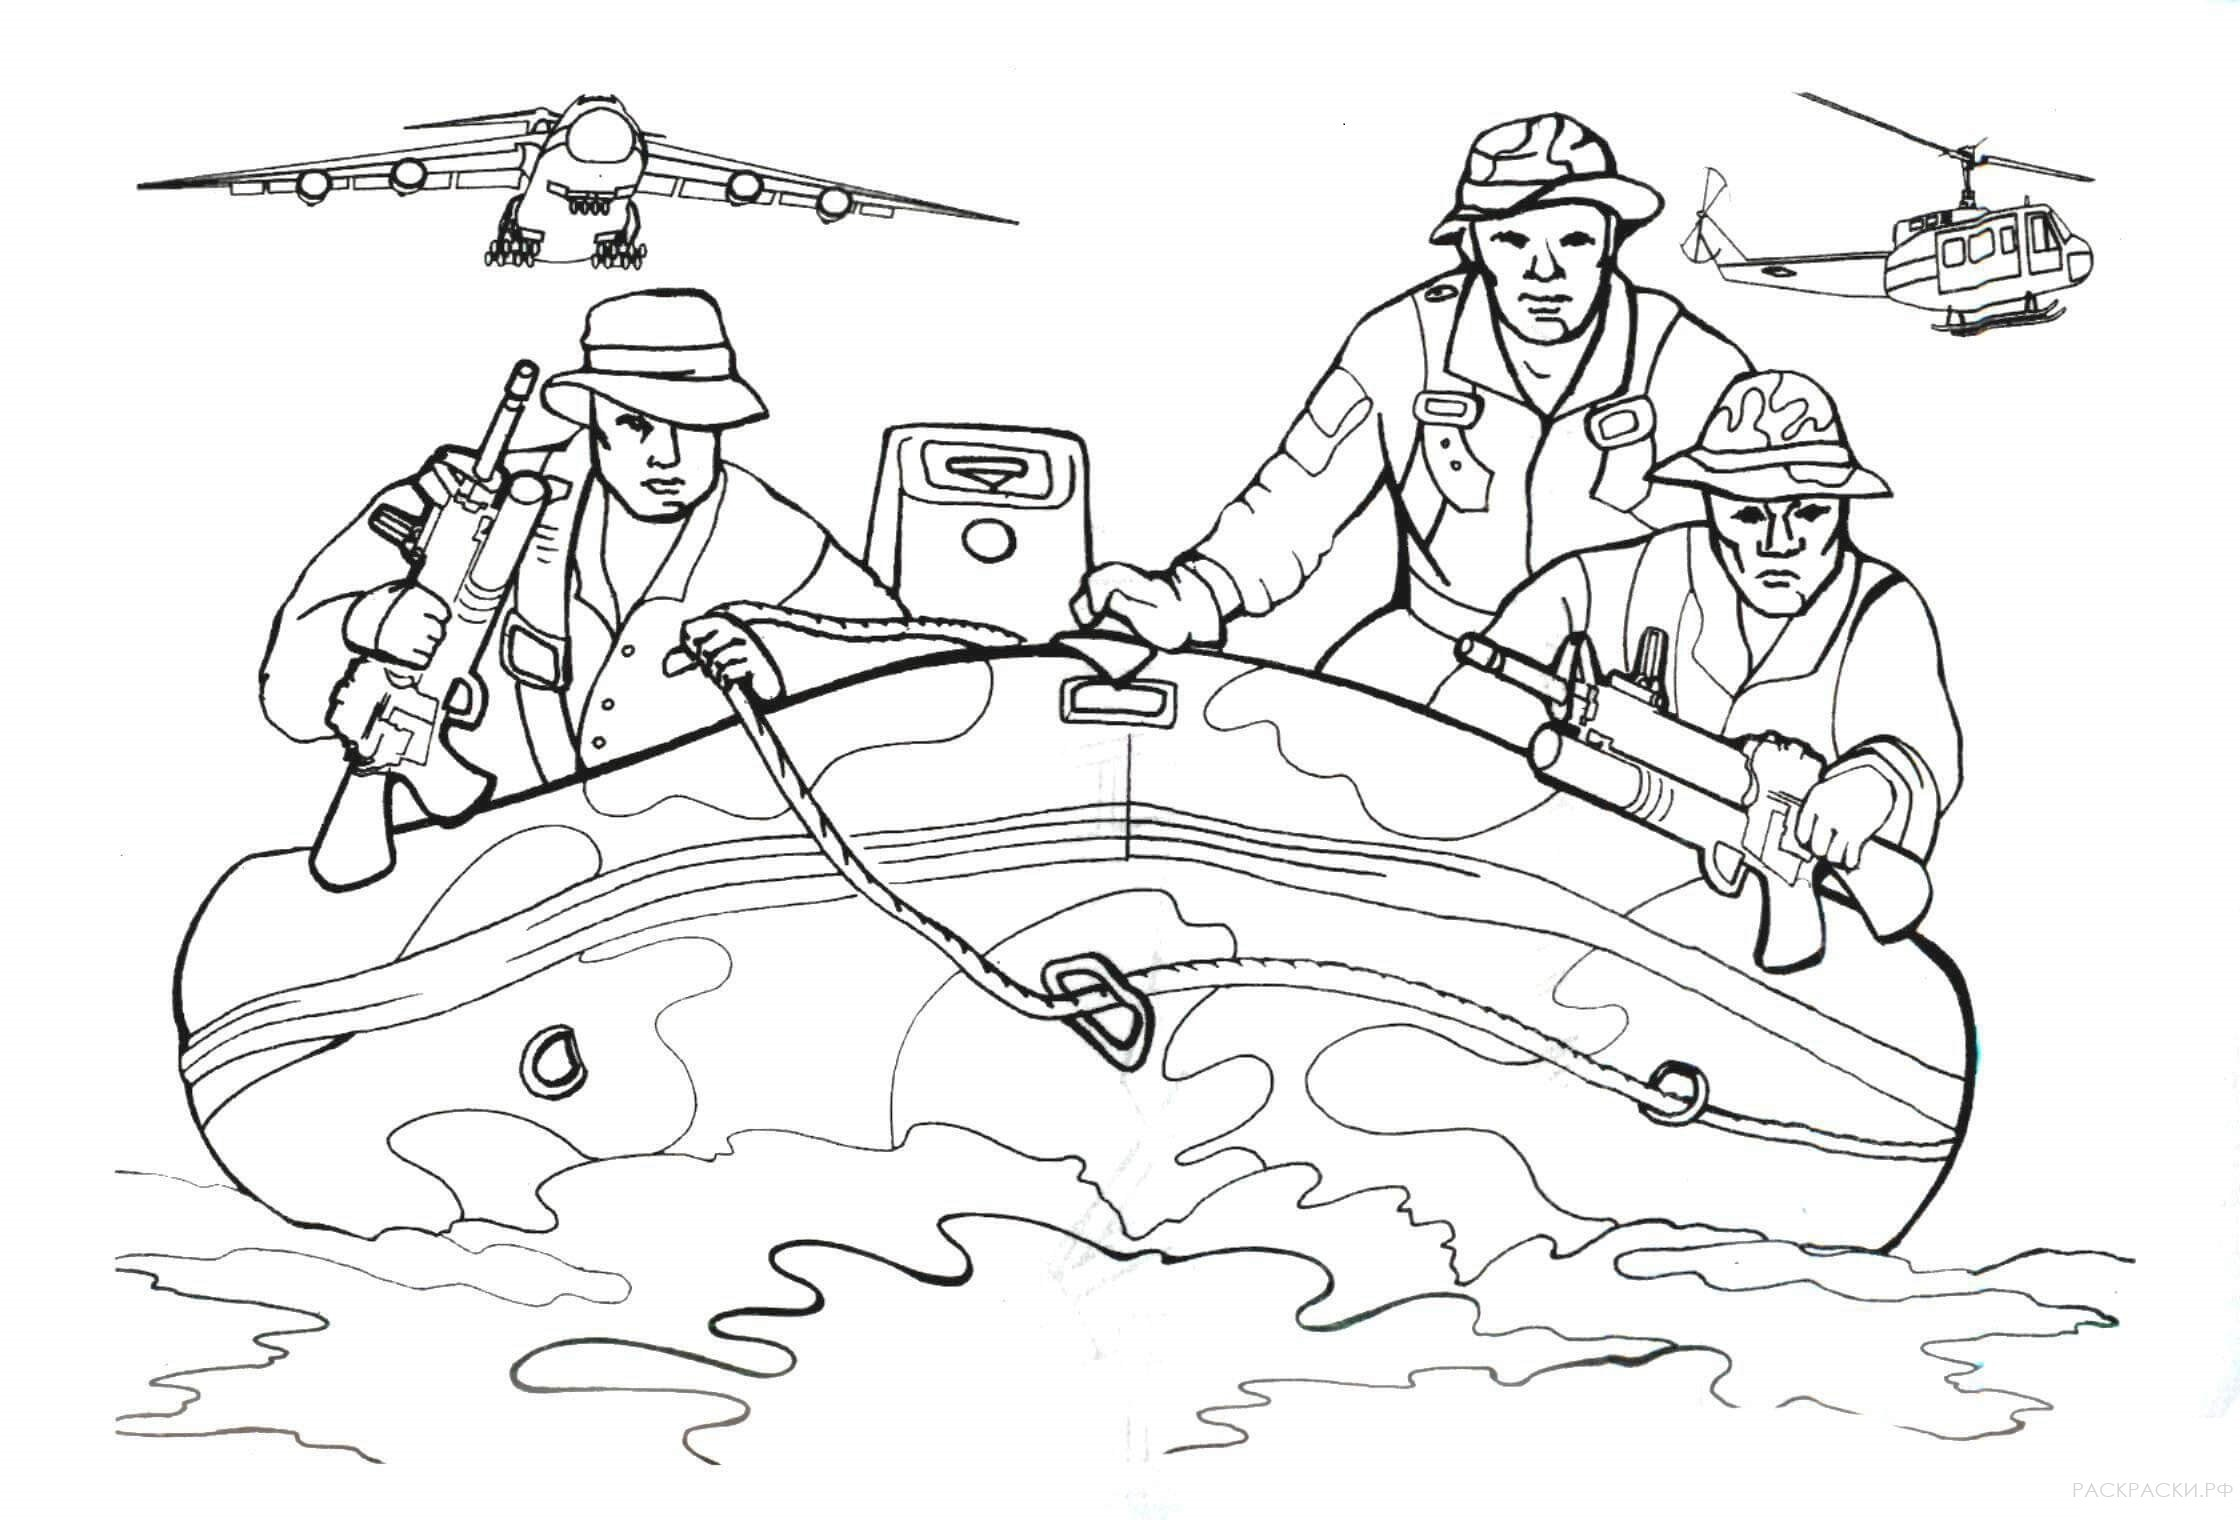 Картинка на военную тему распечатать